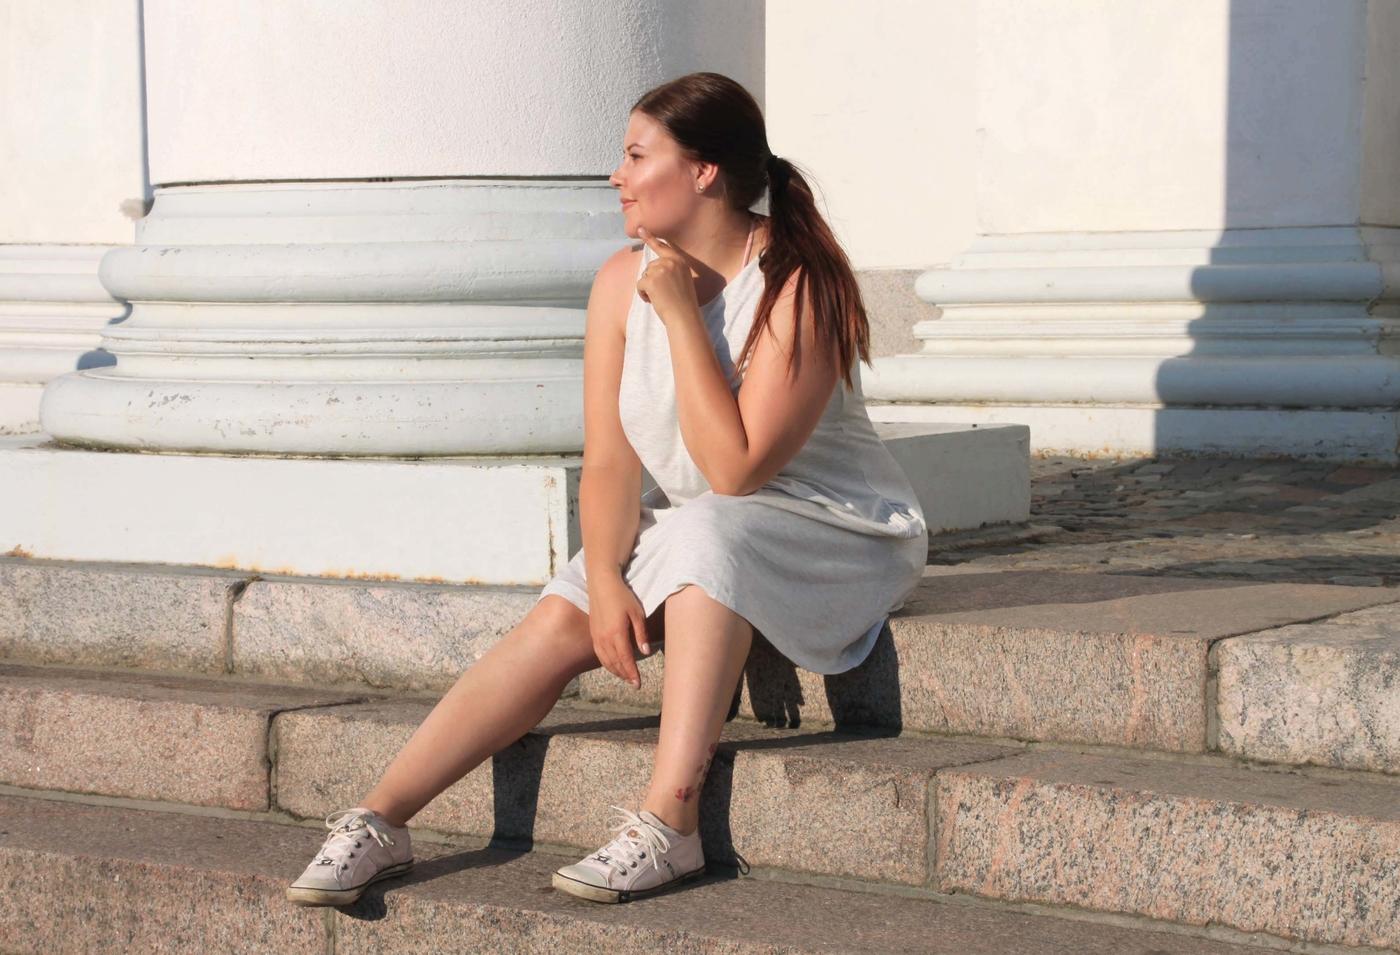 Mikä on todellinen merkitys dating joku